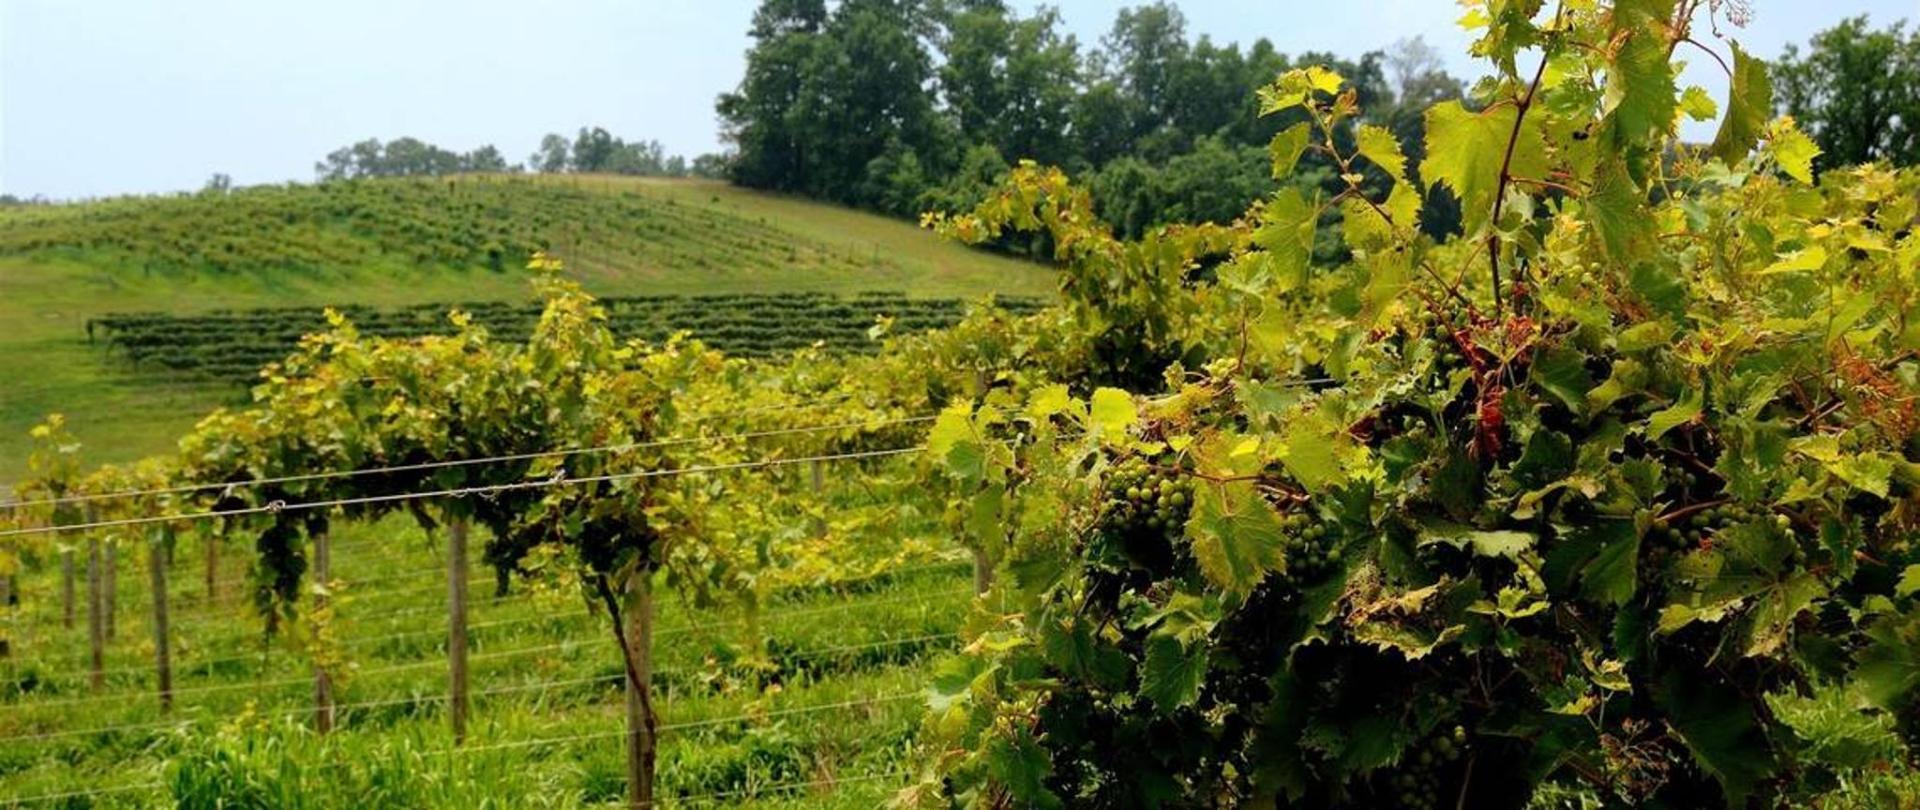 linganore_winery.jpg.1140x481_default.jpg